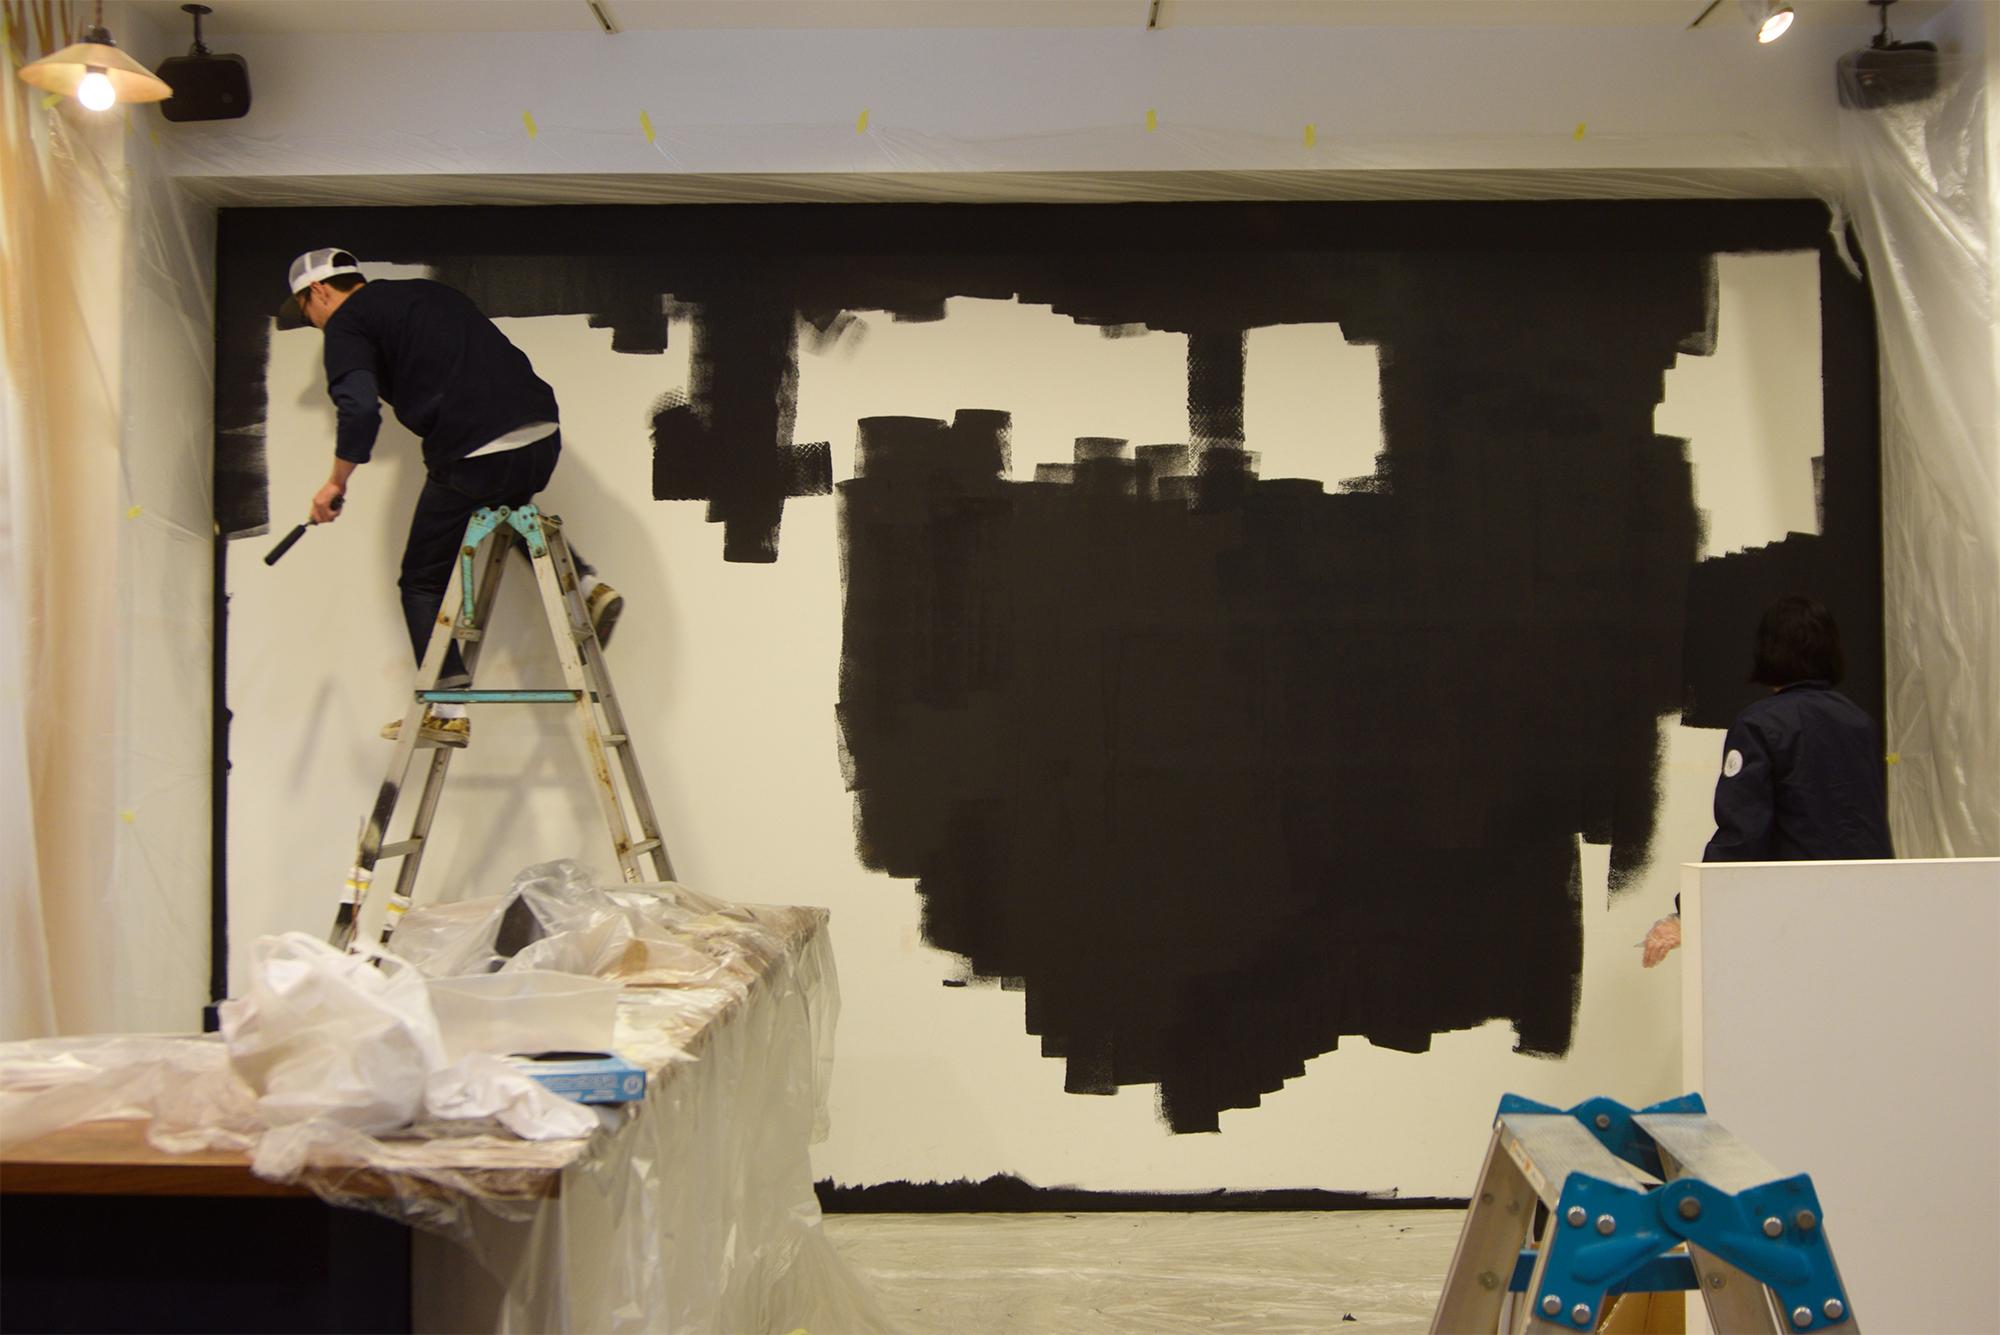 FACTORY RACLのために壁面を濃いグレーで塗装しているところ